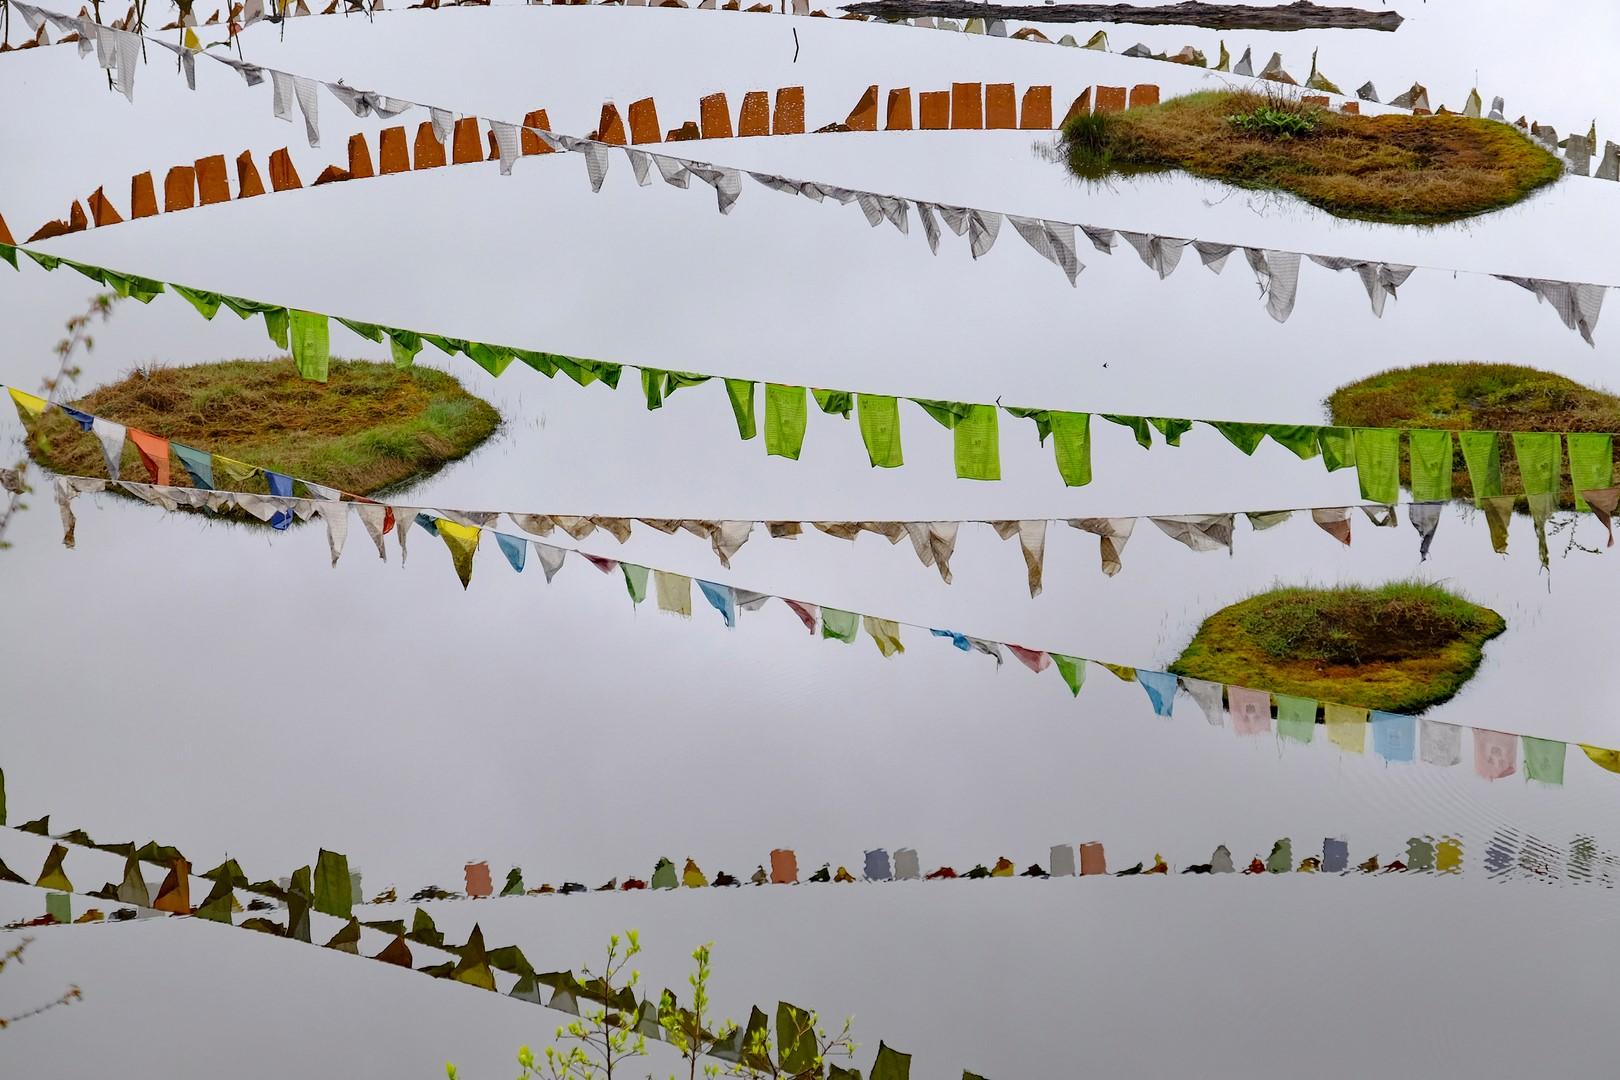 038_Dominique-Gossot_Reflets sur un lac-